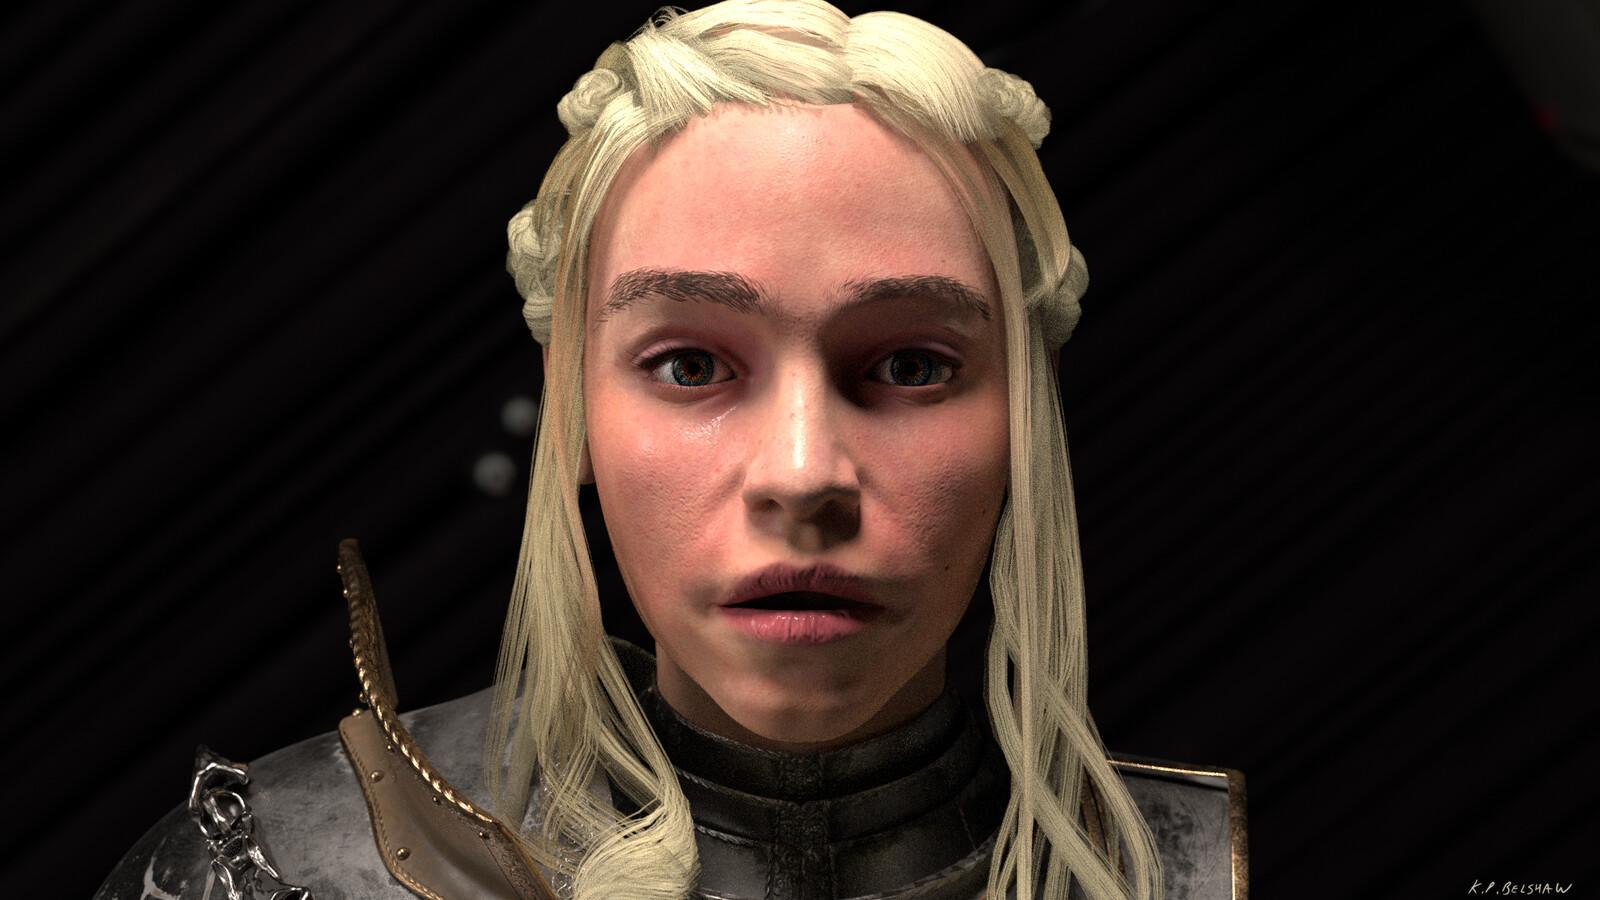 Face closeup